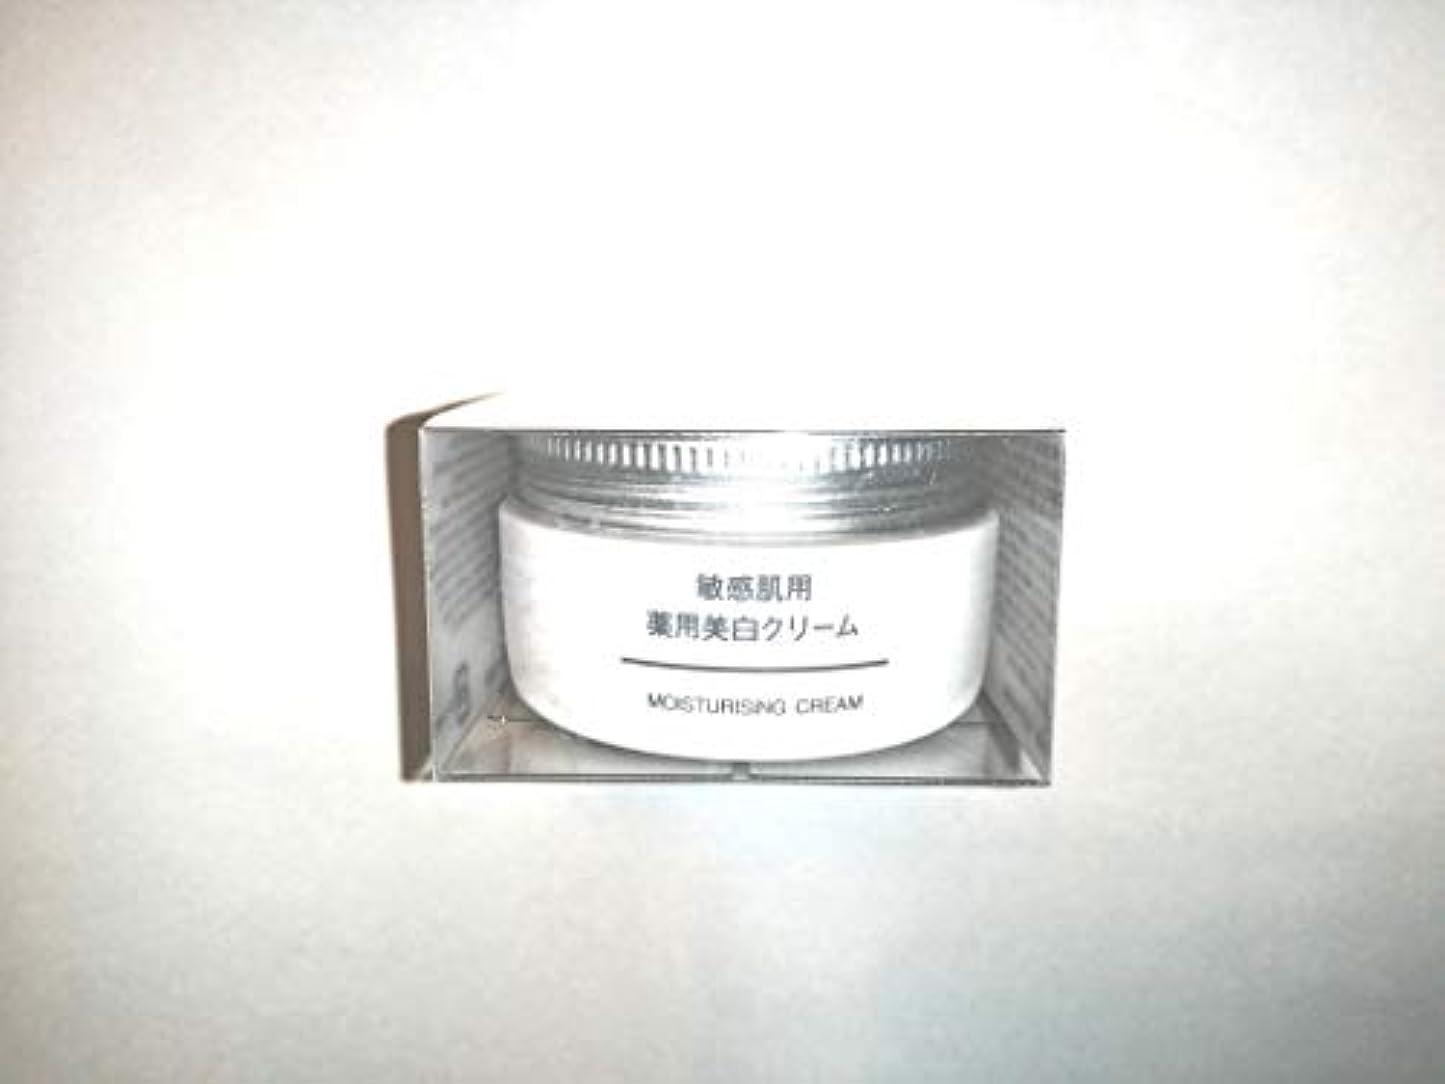 代数佐賀実行無印良品 敏感肌用薬用美白クリーム (新)45g